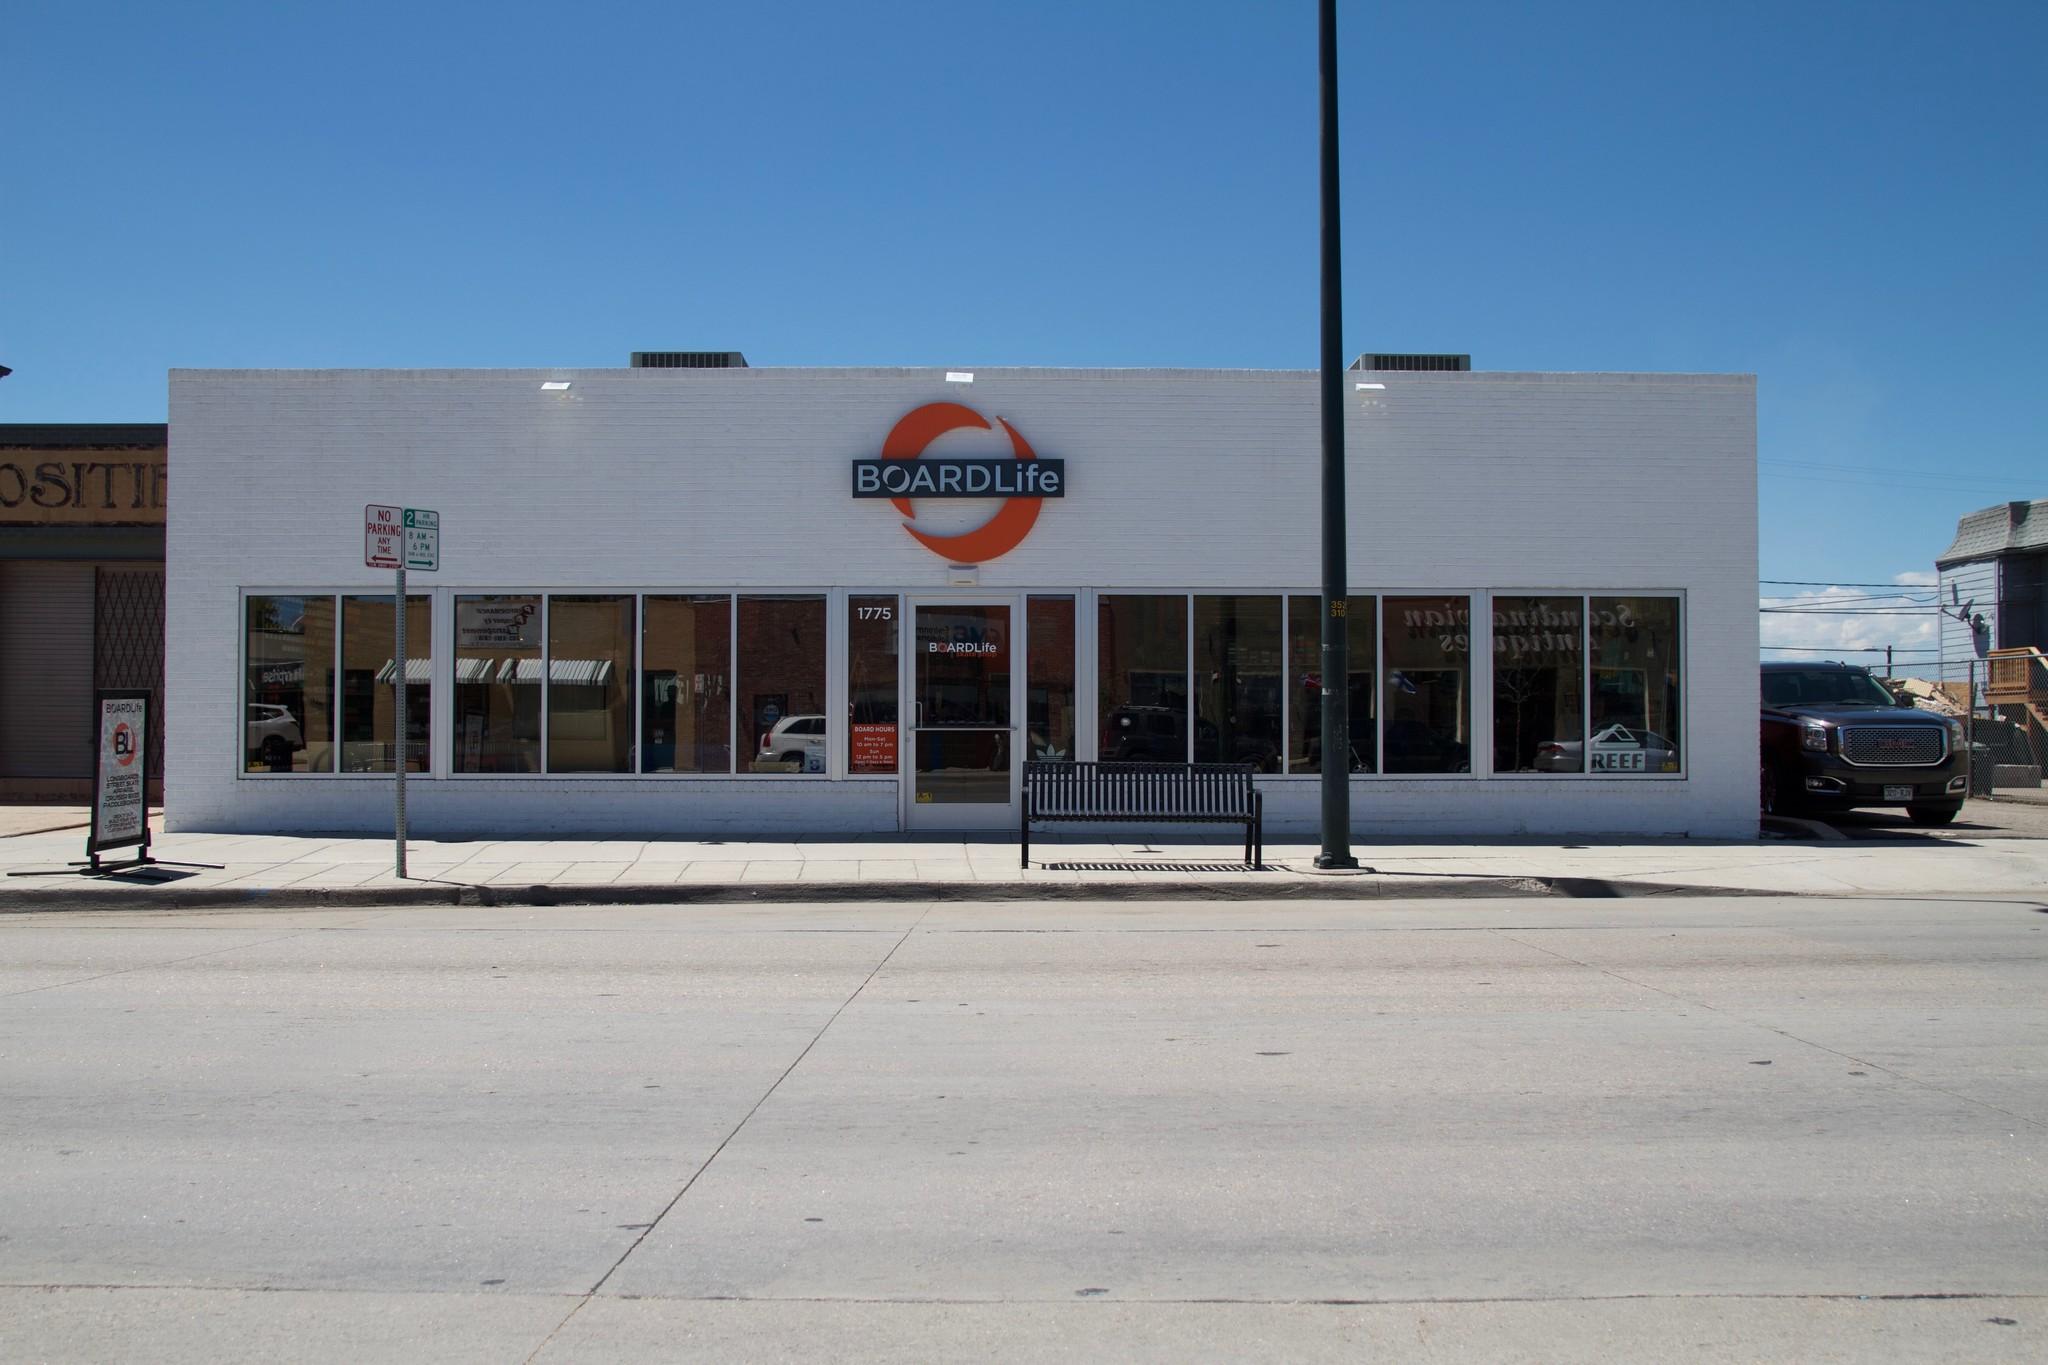 Boardlife Skate shop Denver Colorado USA